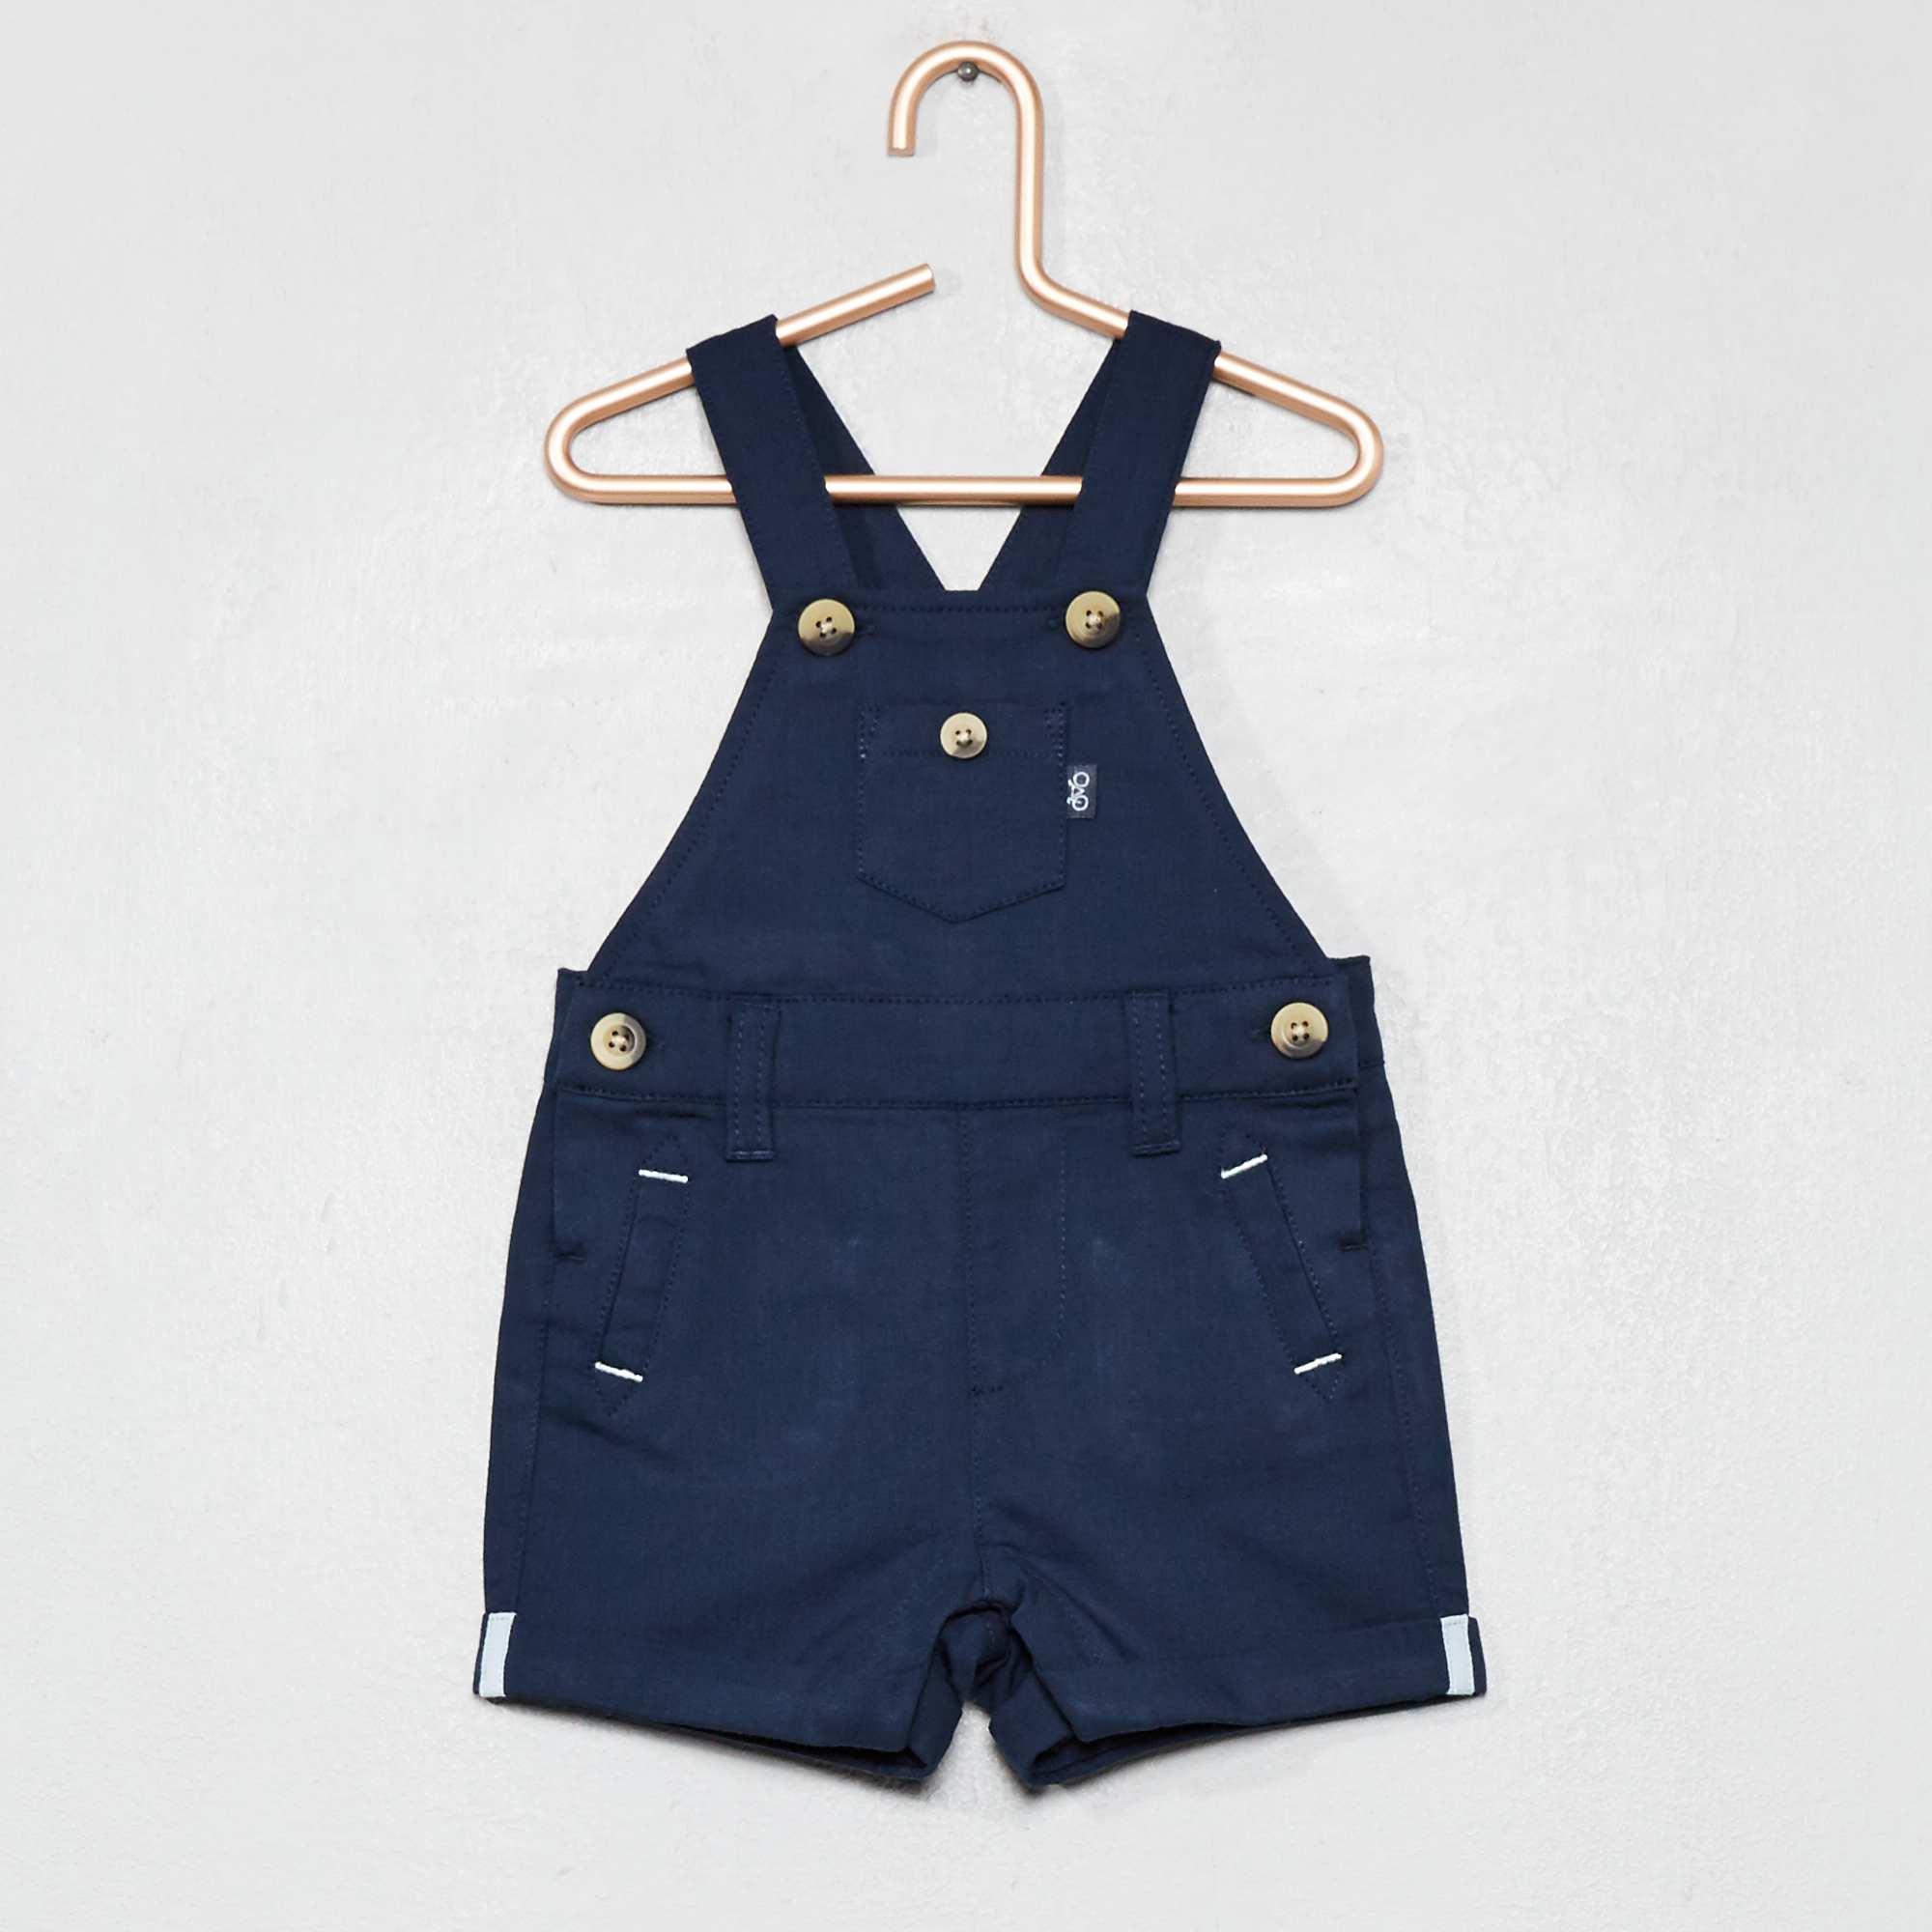 879a44378d Salopette short en toile pur coton bleu marine Bébé garçon. Loading zoom